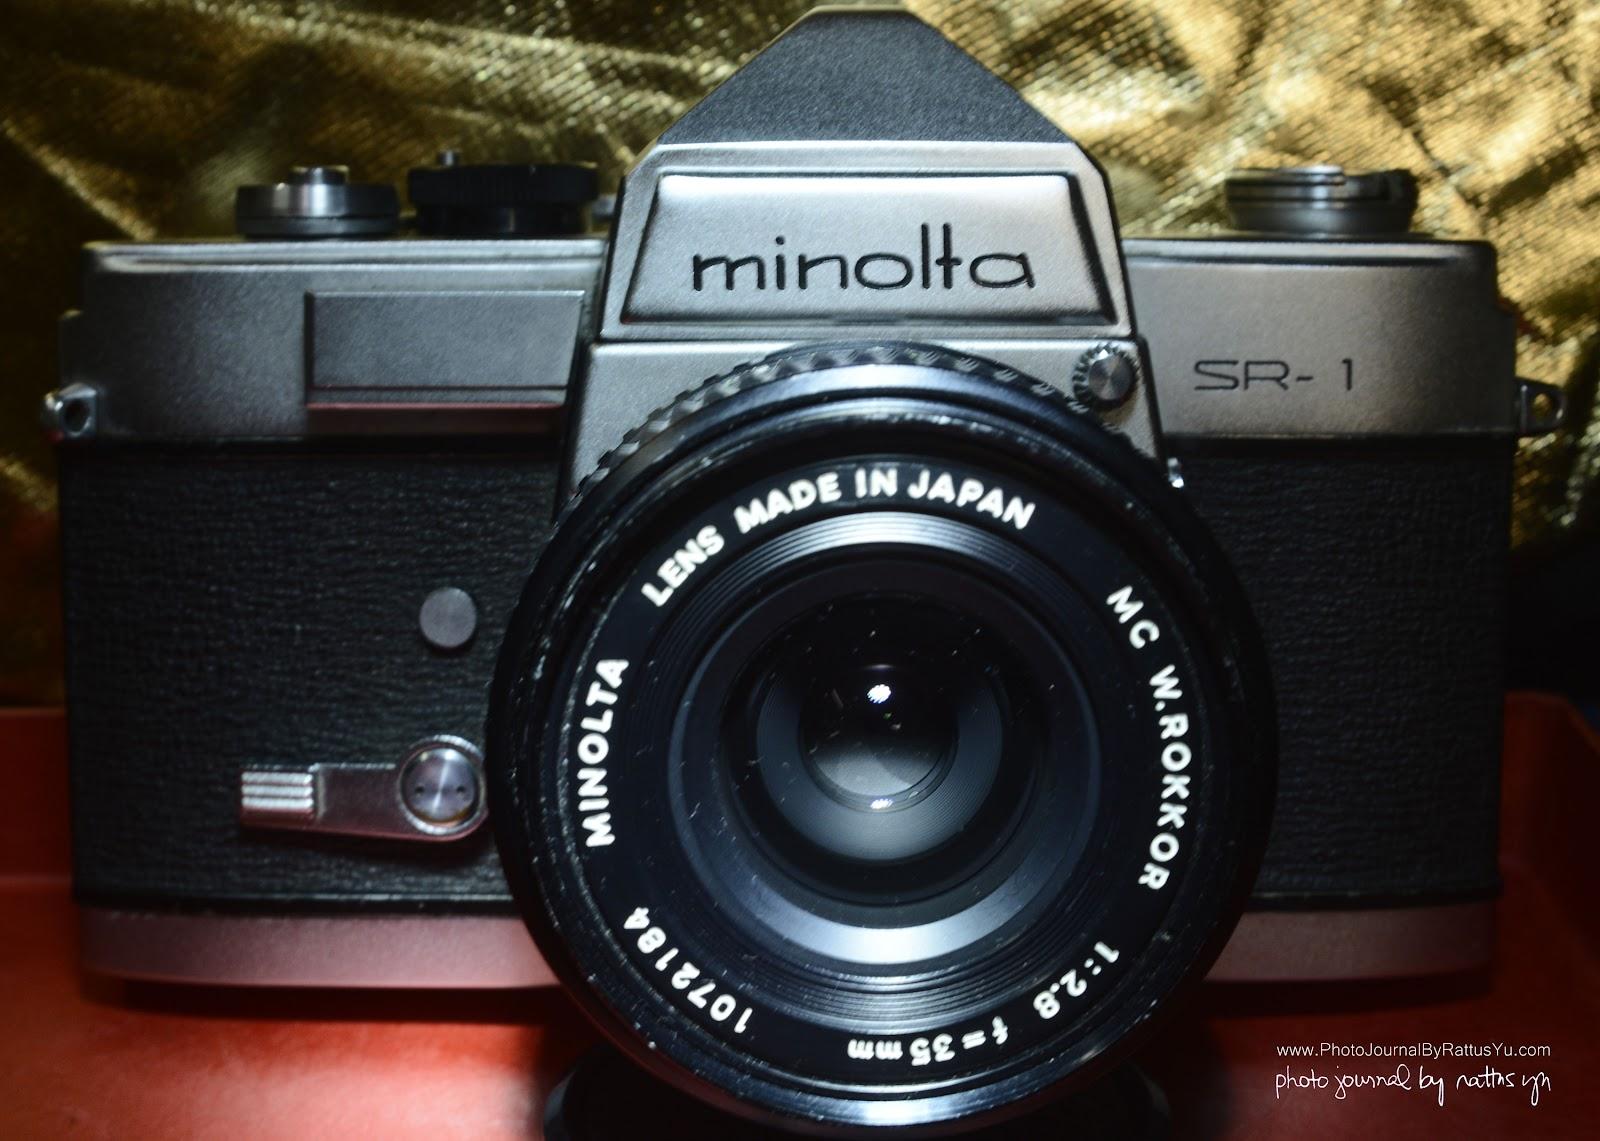 Minolta W.Rokkor MC 35mm f/2.8 + Minolta SR-1